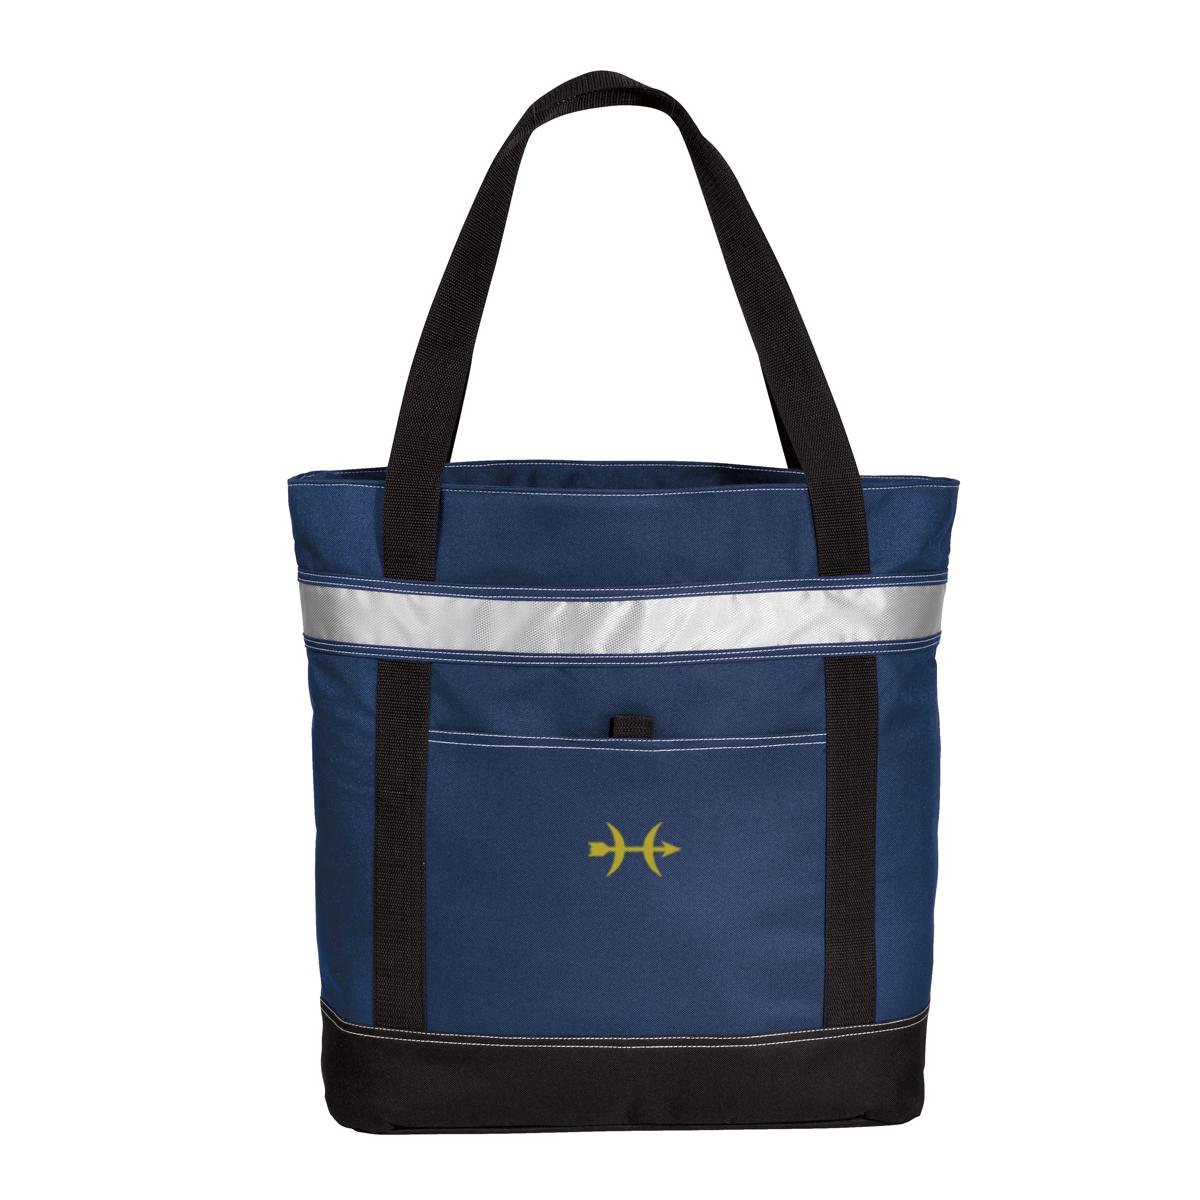 Hunt Yachts - Cooler Tote Bag